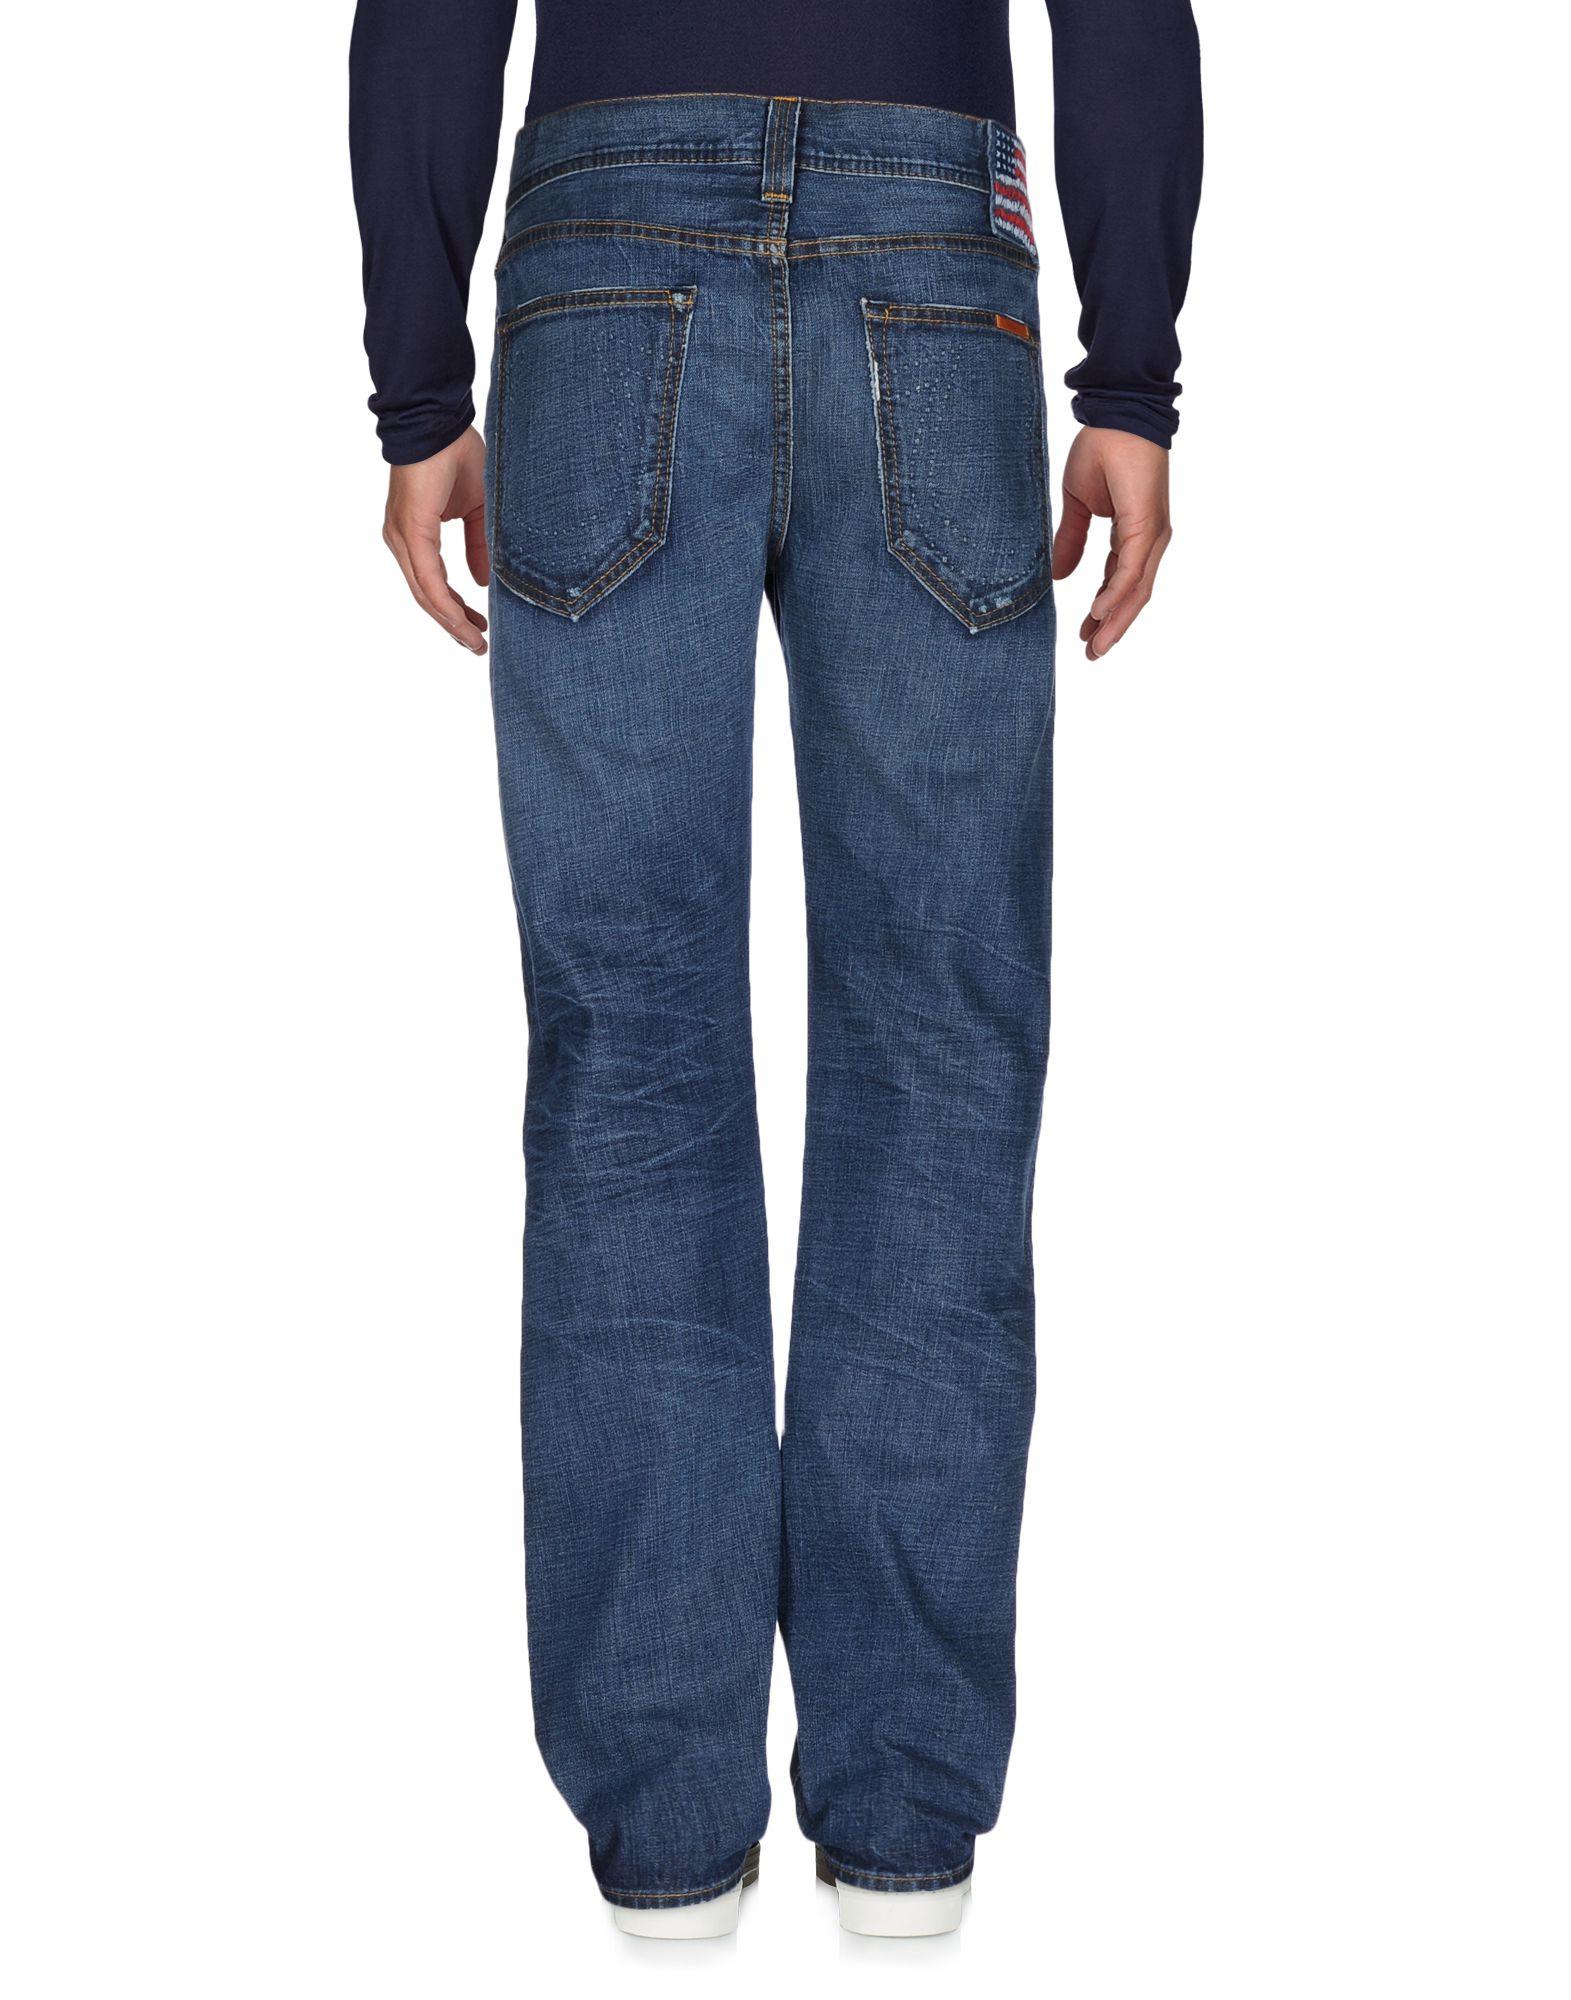 True religion Denim Pants in Blue for Men